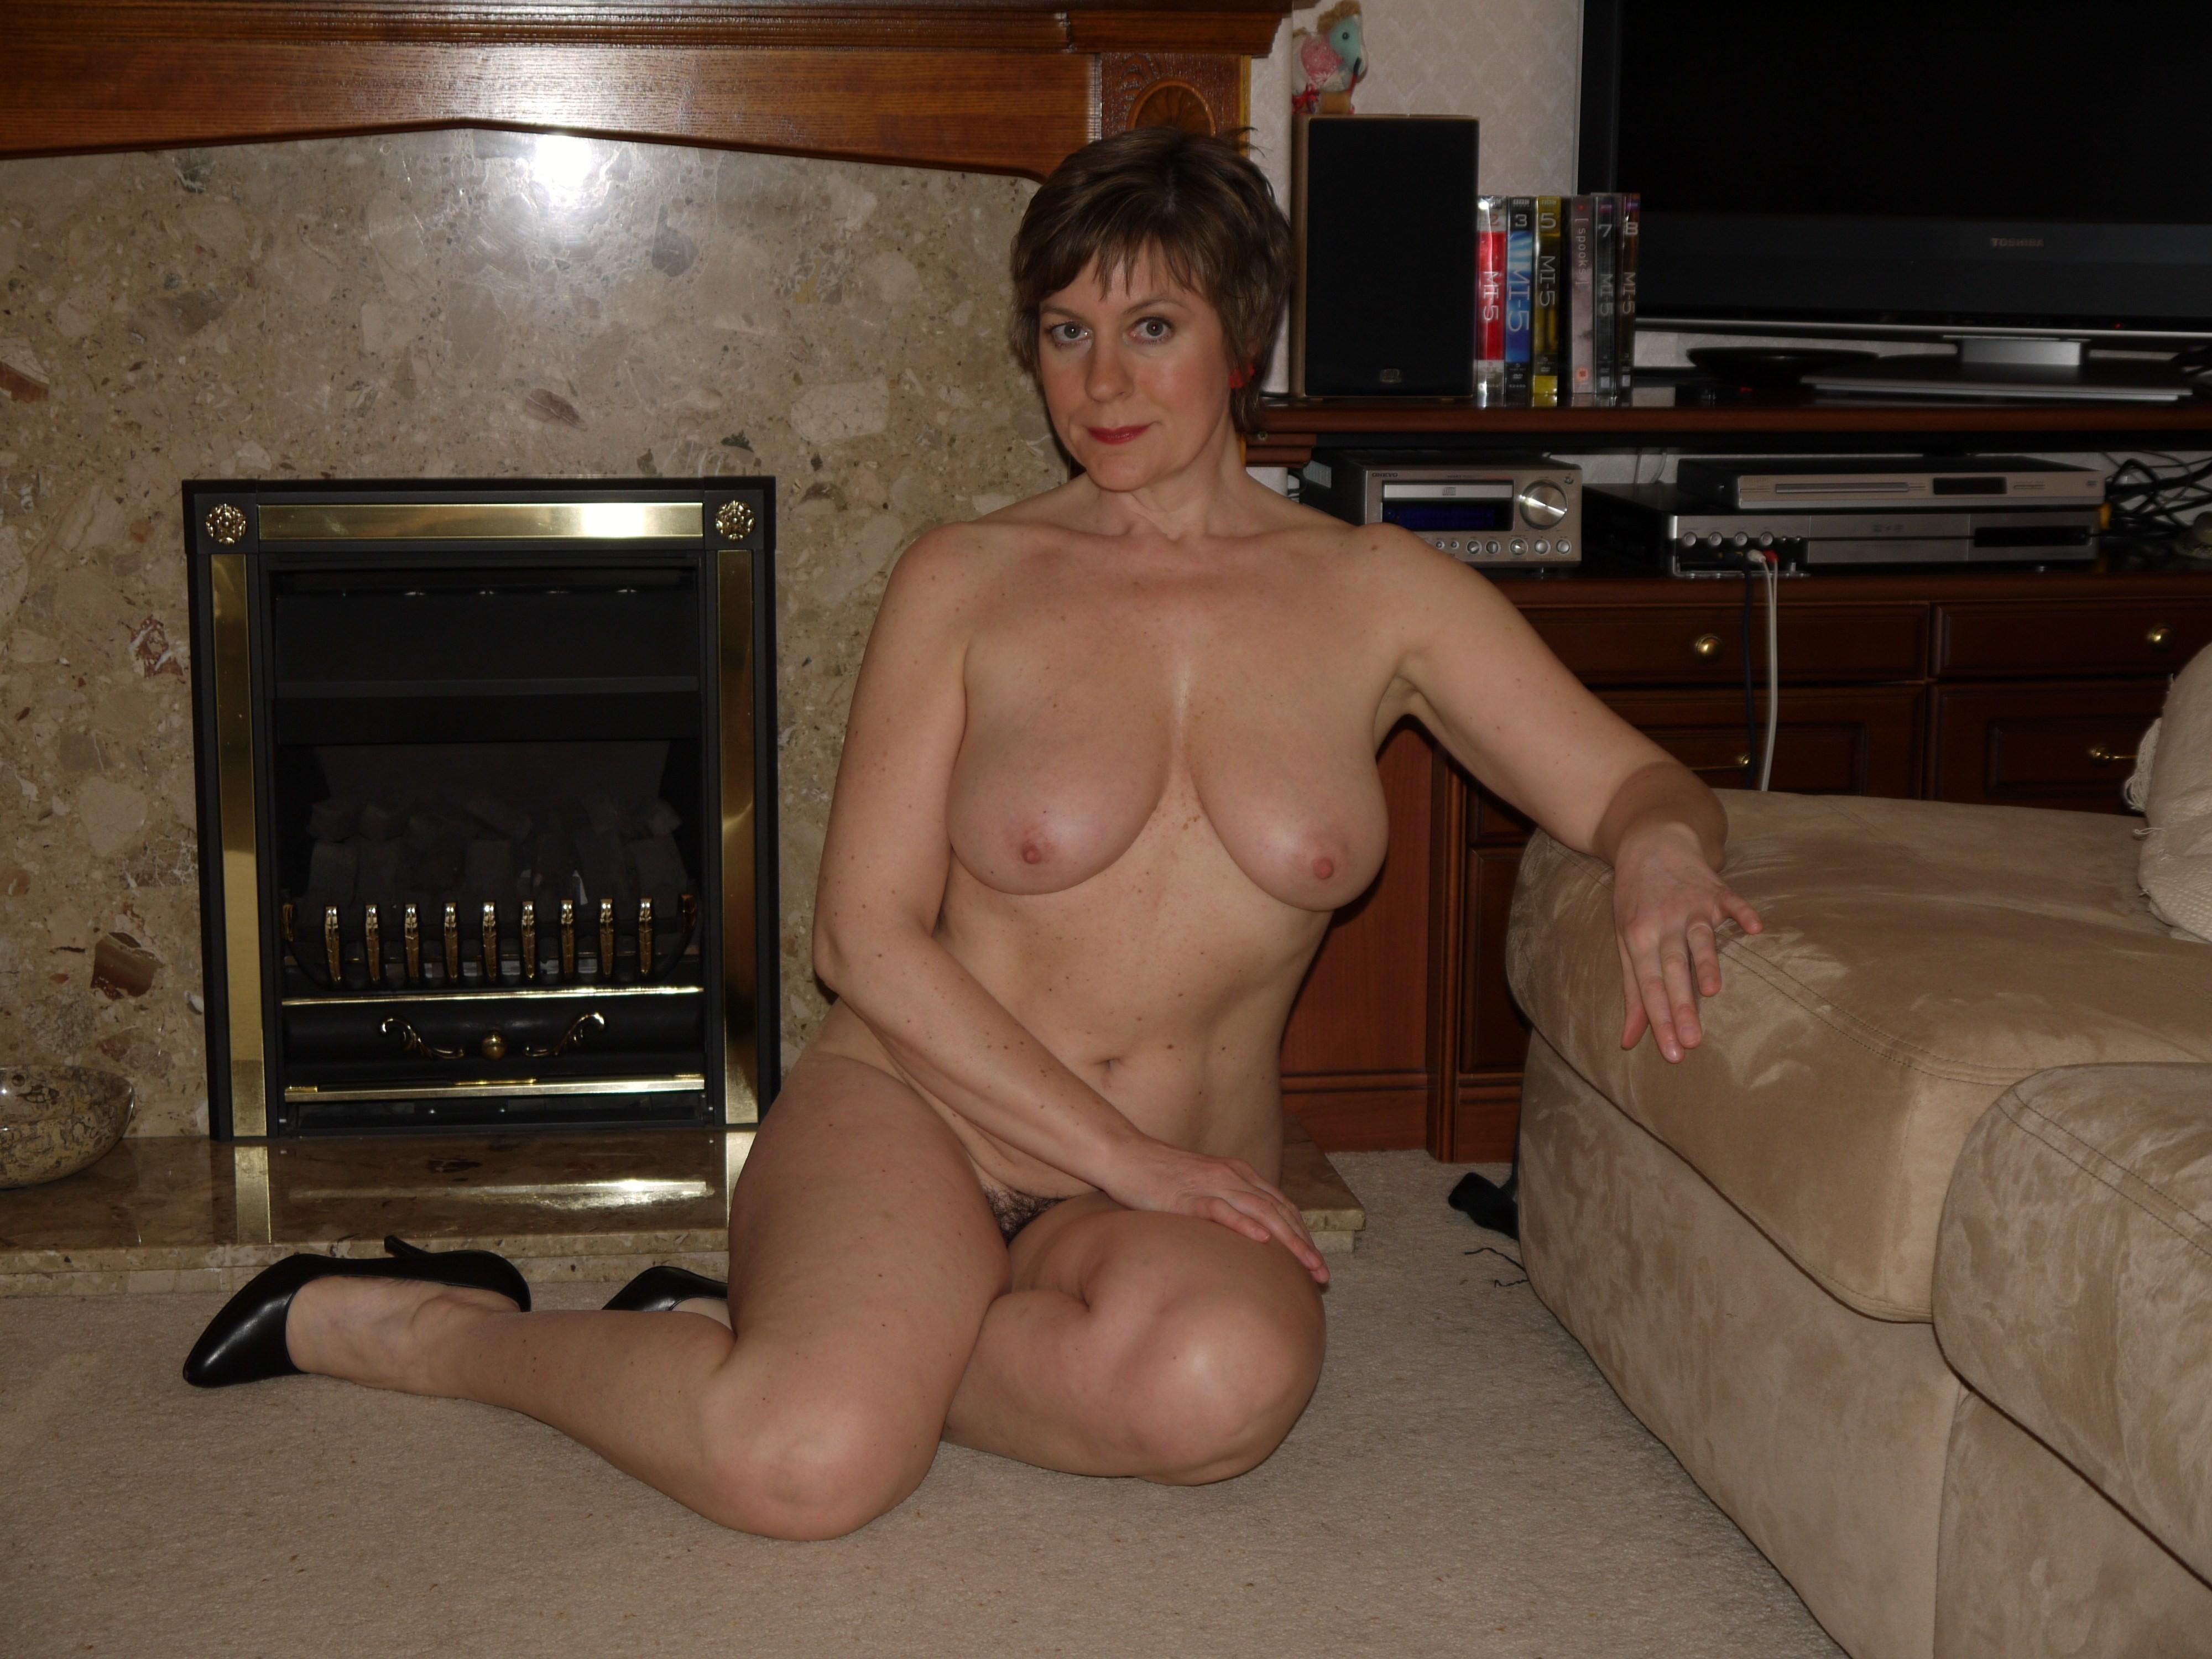 Развратная мамочка фото, Русские мамки 60 порно фото смотрите бесплатно на 9 фотография